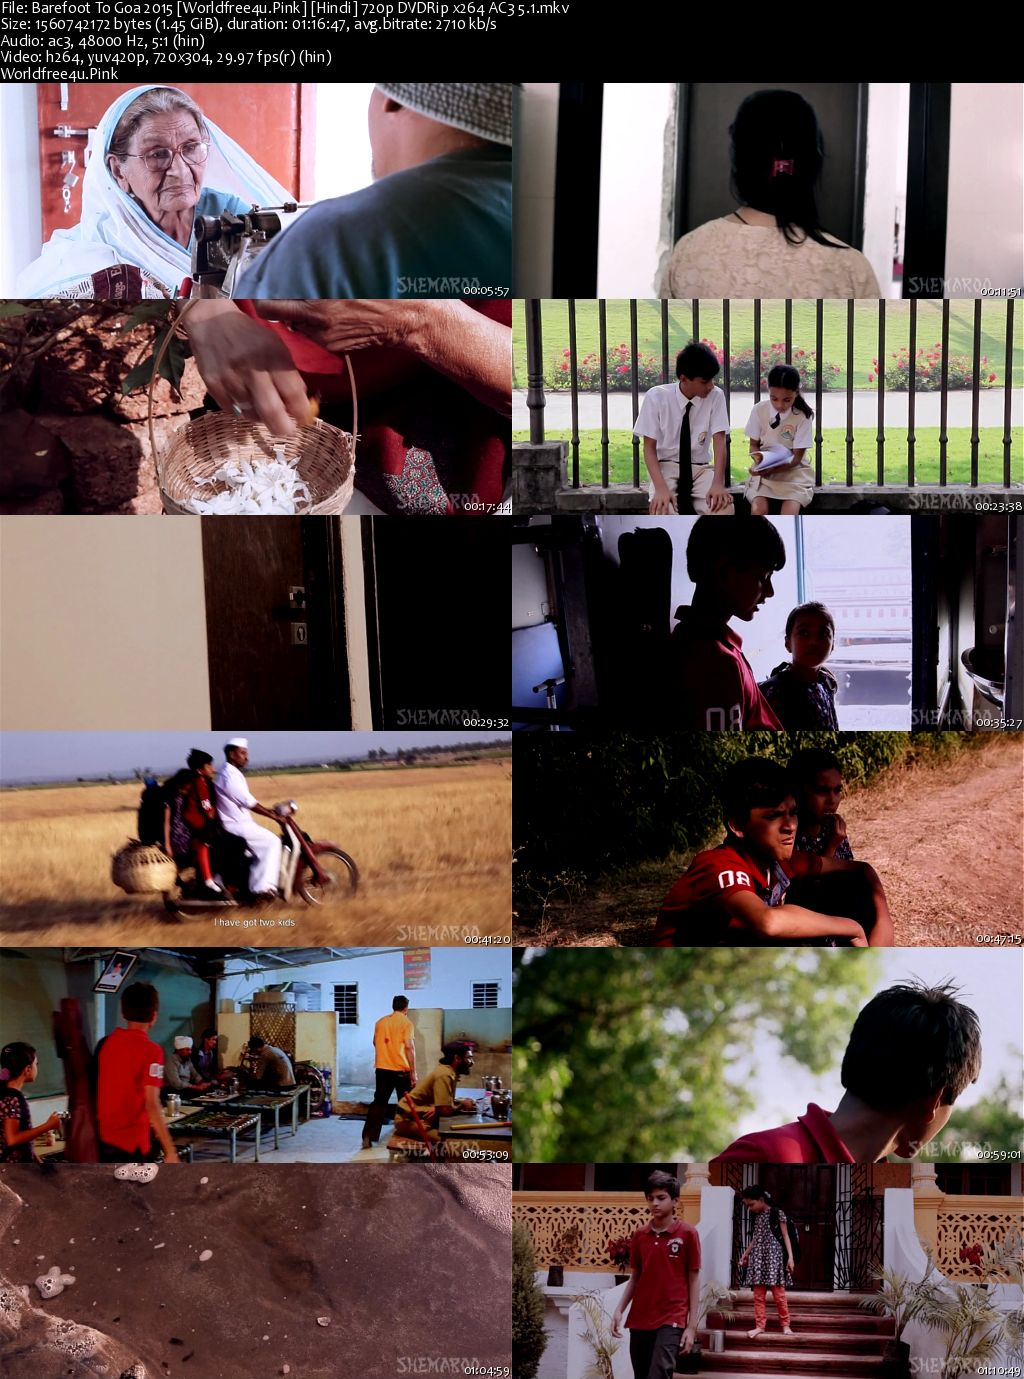 Barefoot To Goa 2015 Hindi DVDRip 720p